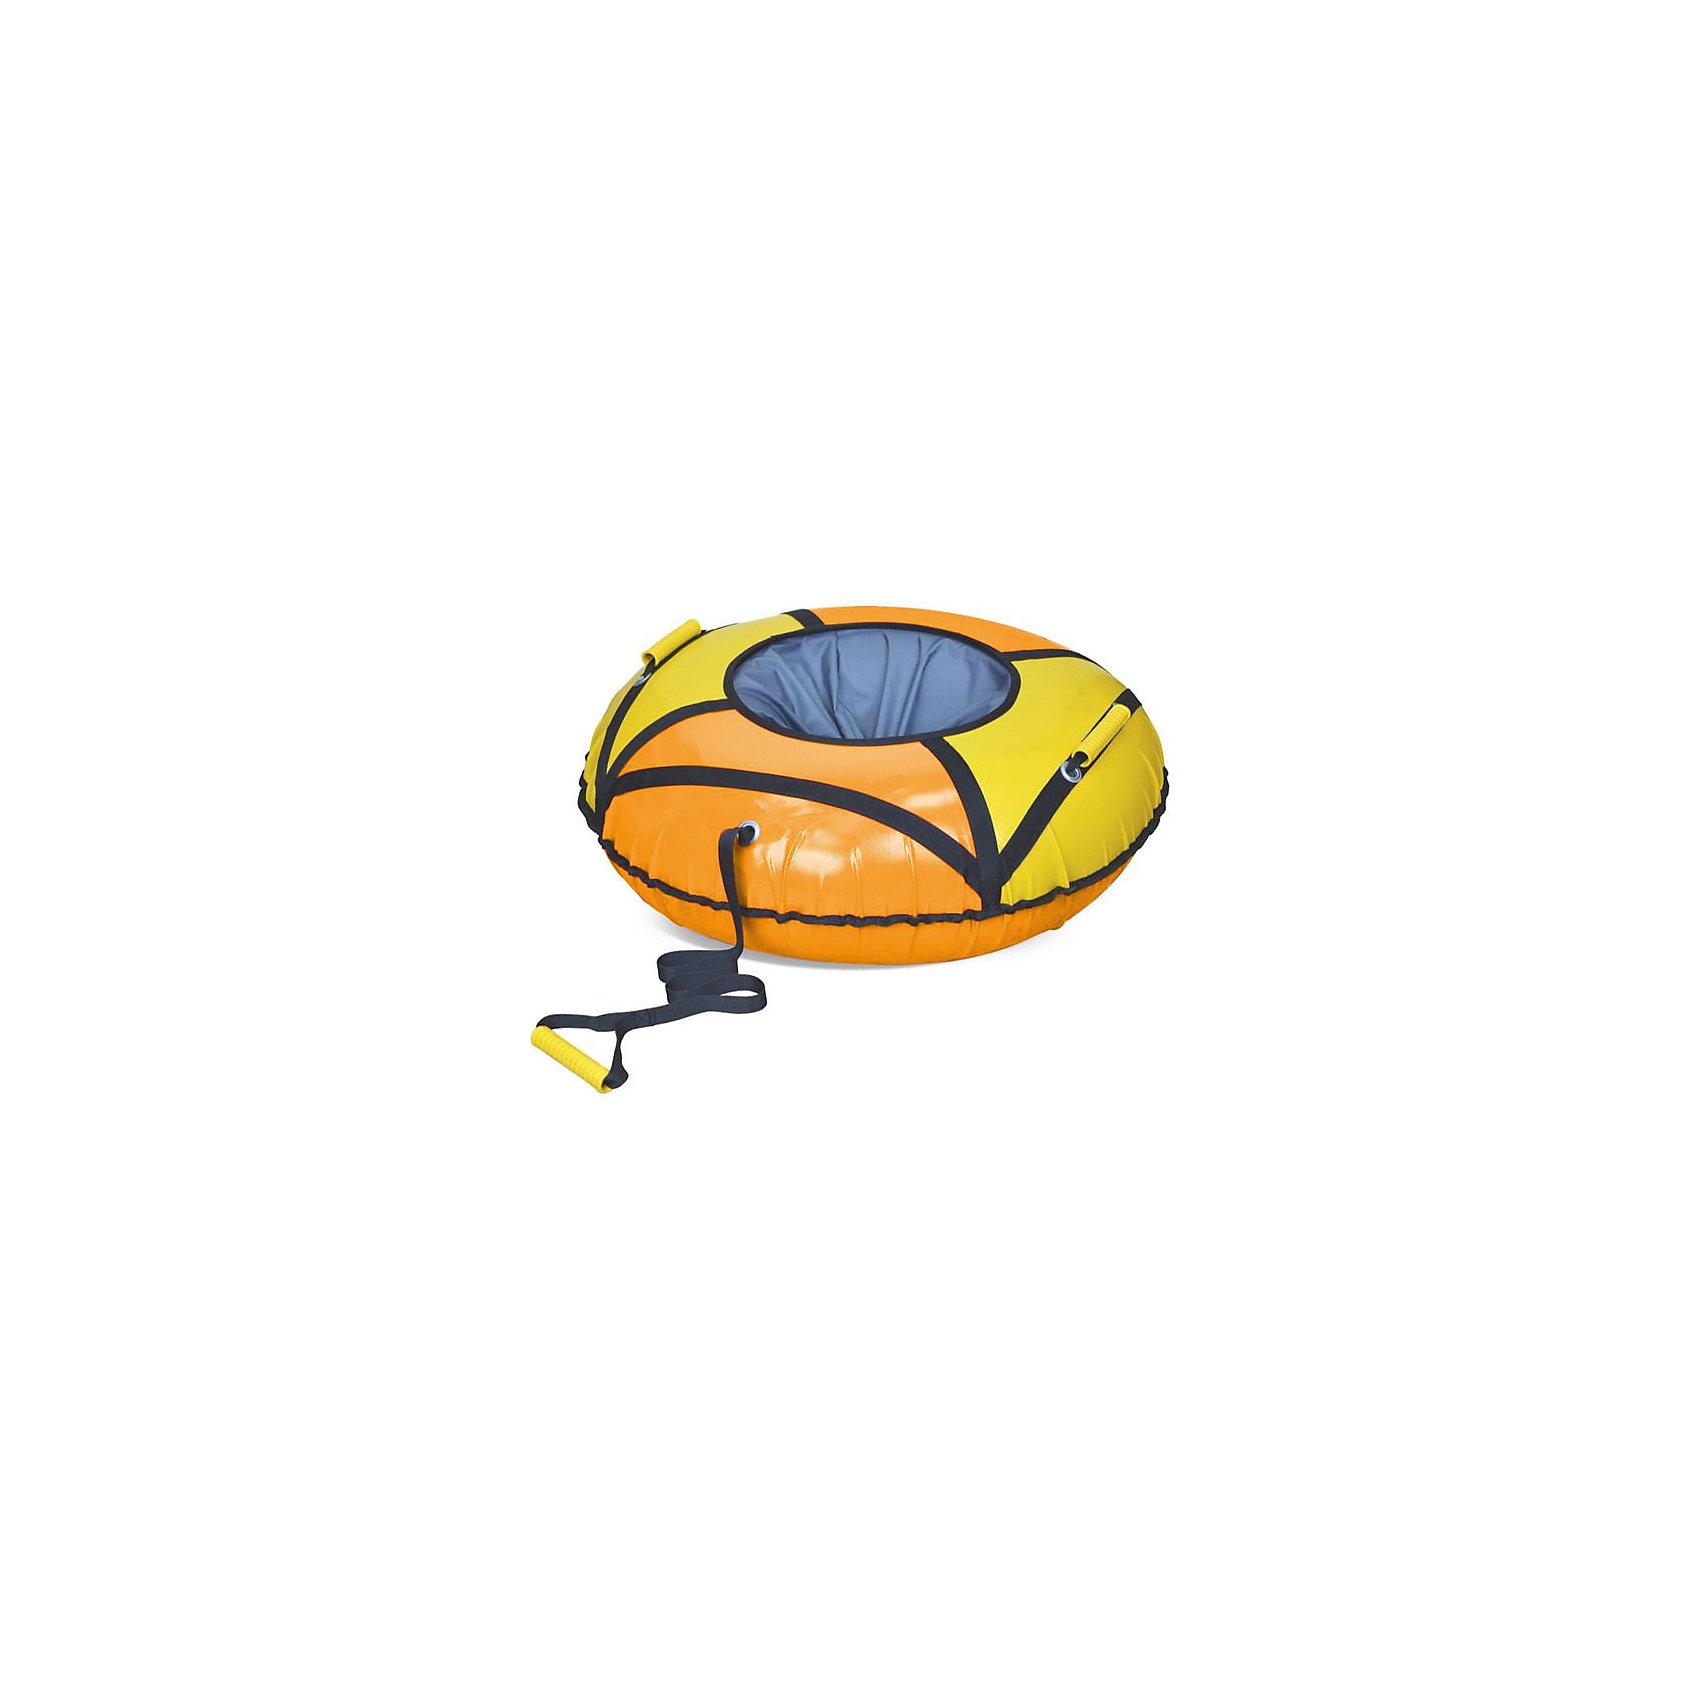 Тюбинг, 85 см, НикаТюбинг, 85 см, Ника.<br><br>Характеристики:<br><br>- Материал: ПВХ, текстиль<br>- Цвет: оранжевый, желтый<br>- Верх: 550 гр/кв.м<br>- Дно: 550 гр/кв.м<br>- Усиленная камера<br>- Максимальная нагрузка: 90 кг.<br>- Диаметр тюбинга в сдутом состоянии: 93 см.<br>- Диаметр тюбинга в надутом состоянии: 85 см.<br>- Вес: 2,56 кг.<br><br>Тюбинг от Ника сделает катание с горки еще более веселым и интересным. Тюбинг выполнен в яркой красочной расцветке и будет отчетливо виден на снежном фоне. Прочное удобное сиденье убережет от травм и обеспечит комфорт во время катания. Тюбинг изготовлен из высококачественной тентовой ПВХ ткани с глянцевой поверхностью. Материал выдерживает морозы до -25 С. Усиленная камера входит в комплект изделия. Все швы усилены капроновой лентой. Имеется защитный внутренний клапан с потайной молнией. Тюбинг оснащен текстильными ручками, за которые удобно держаться во время спуска и буксировочным тросом. Катание на тюбинге тренирует силу, выносливость, координацию движений и вестибулярный аппарат.<br><br>Тюбинг, 85 см, Ника можно купить в нашем интернет-магазине.<br><br>Ширина мм: 820<br>Глубина мм: 260<br>Высота мм: 160<br>Вес г: 2500<br>Возраст от месяцев: -2147483648<br>Возраст до месяцев: 2147483647<br>Пол: Унисекс<br>Возраст: Детский<br>SKU: 4941357